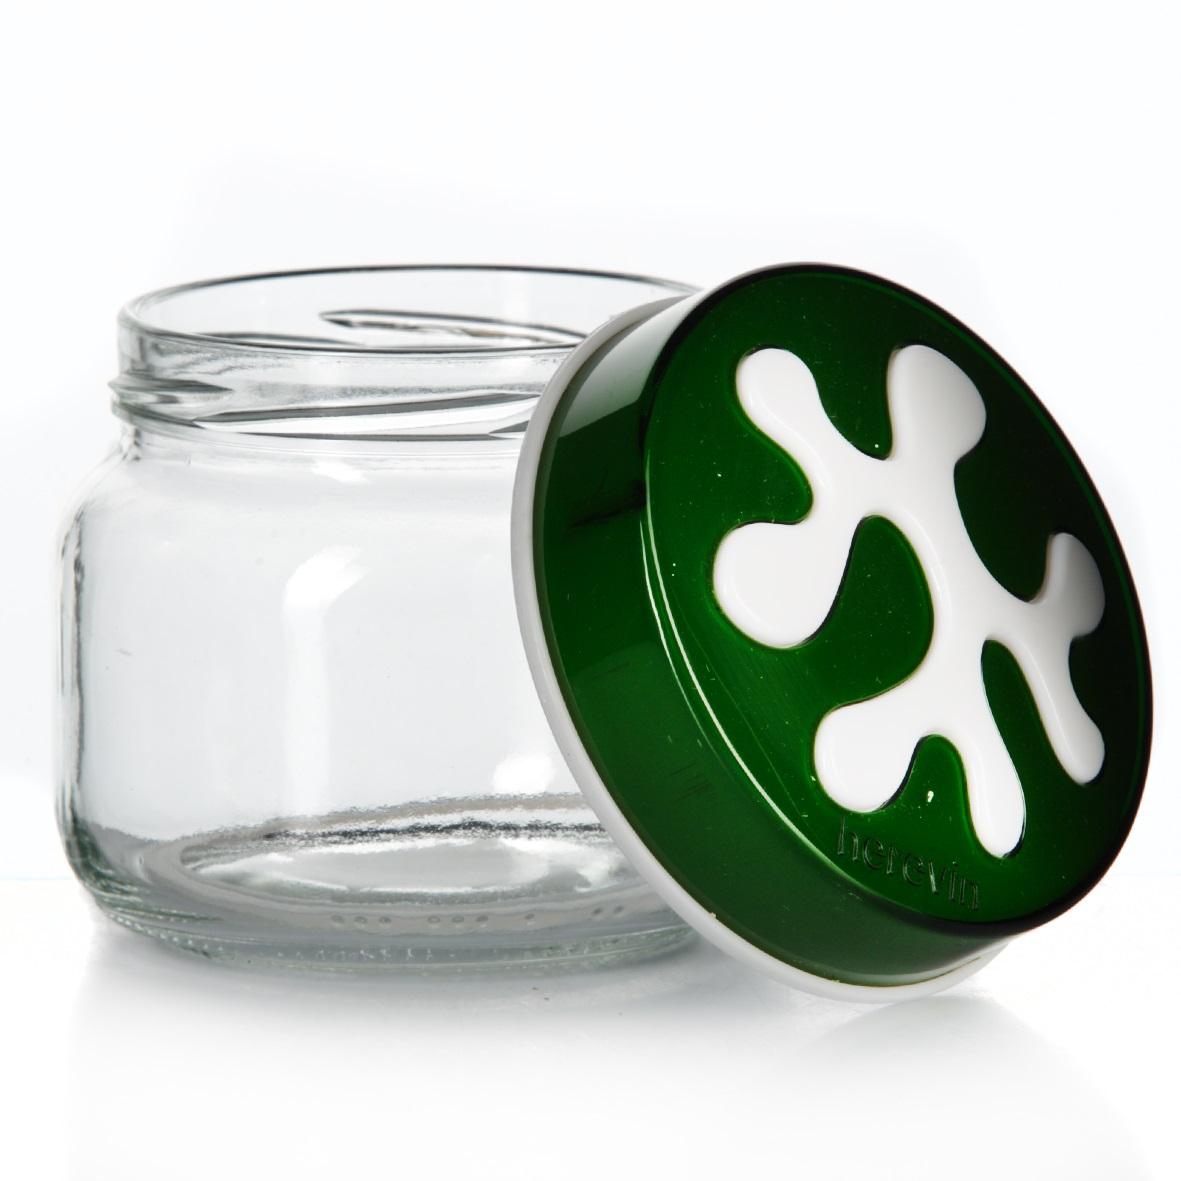 Банка для сыпучих продуктов Herevin, цвет: зеленый, 400 мл. 135357-002135357-002Банка для сыпучих продуктов Herevin изготовлена из прочного стекла и оснащена плотно закрывающейся пластиковой крышкой. Благодаря этому внутри сохраняется герметичность, и продукты дольше остаются свежими. Изделие предназначено для хранения различных сыпучих продуктов: круп, чая, сахара, орехов и т.д. Функциональная и вместительная, такая банка станет незаменимым аксессуаром на любой кухне. Можно мыть в посудомоечной машине. Пластиковые части рекомендуется мыть вручную. Объем: 400 мл. Диаметр (по верхнему краю): 7,5 см. Высота банки (без учета крышки): 8 см.